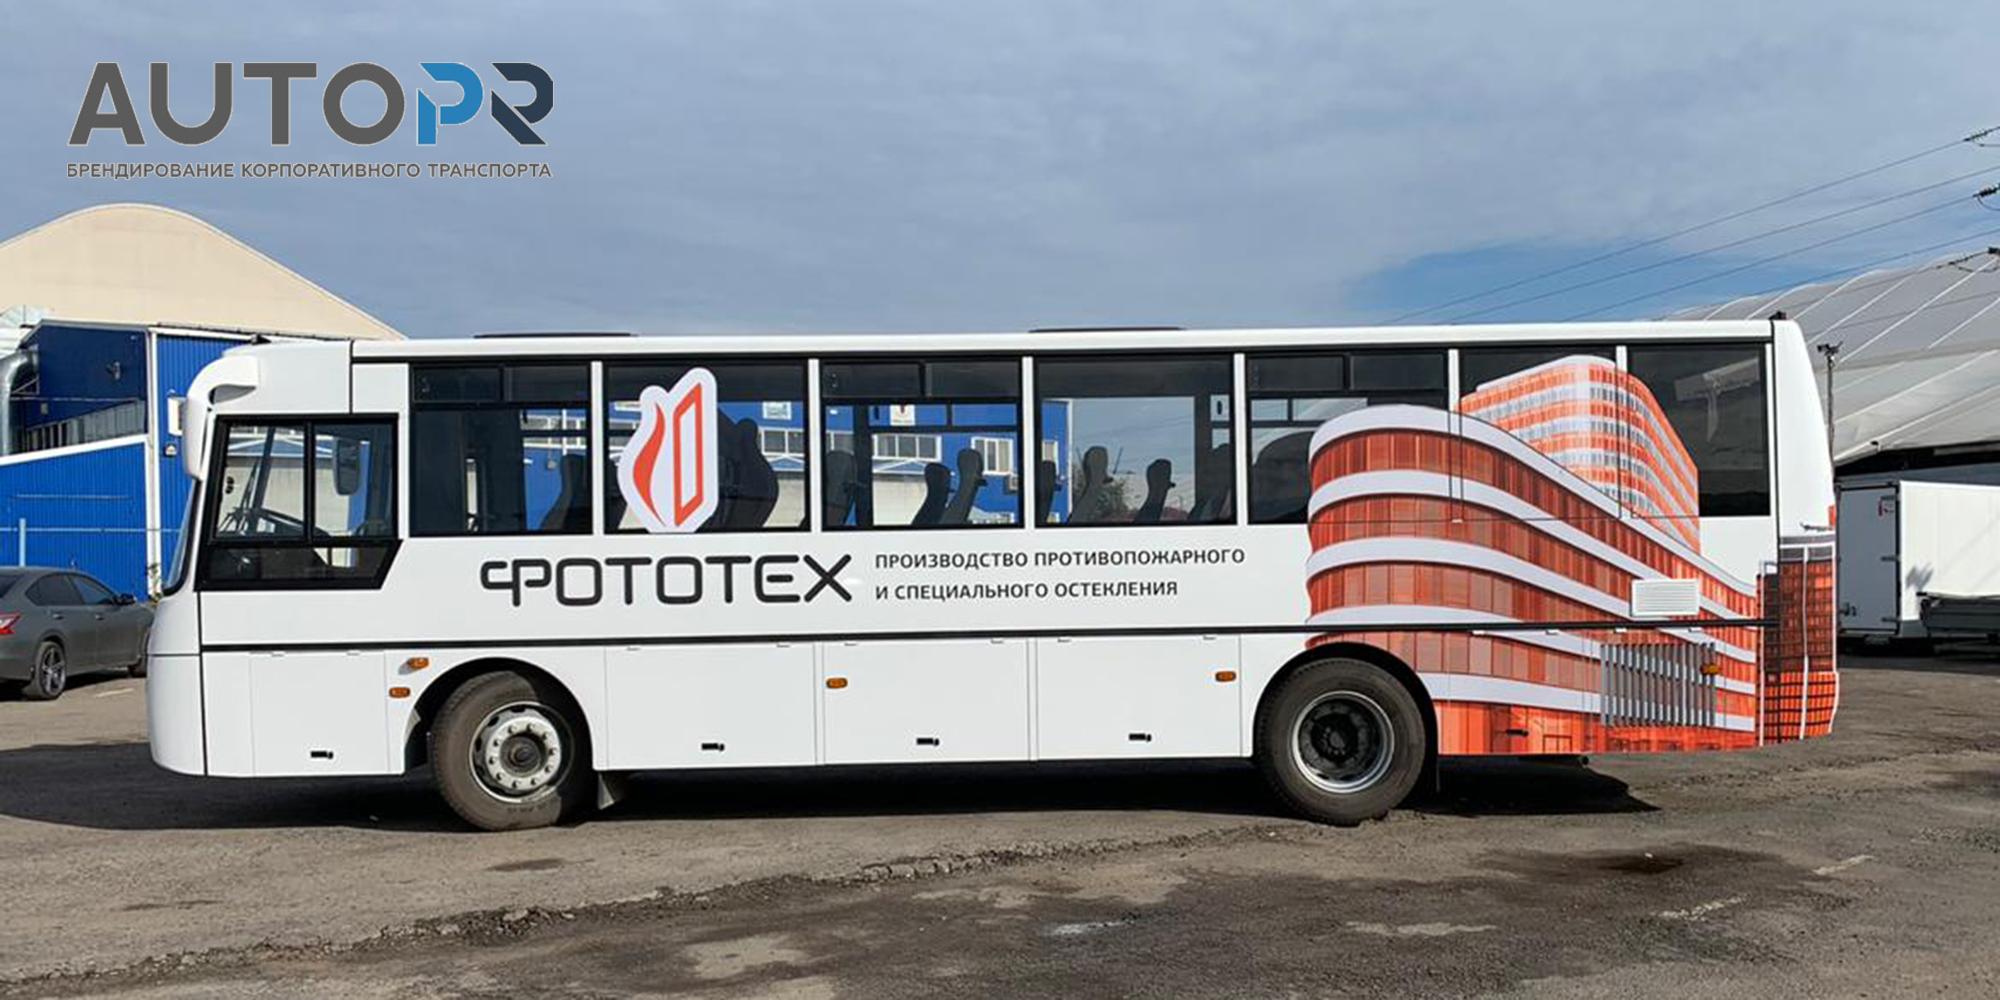 оклейка автобуса Фототех 1